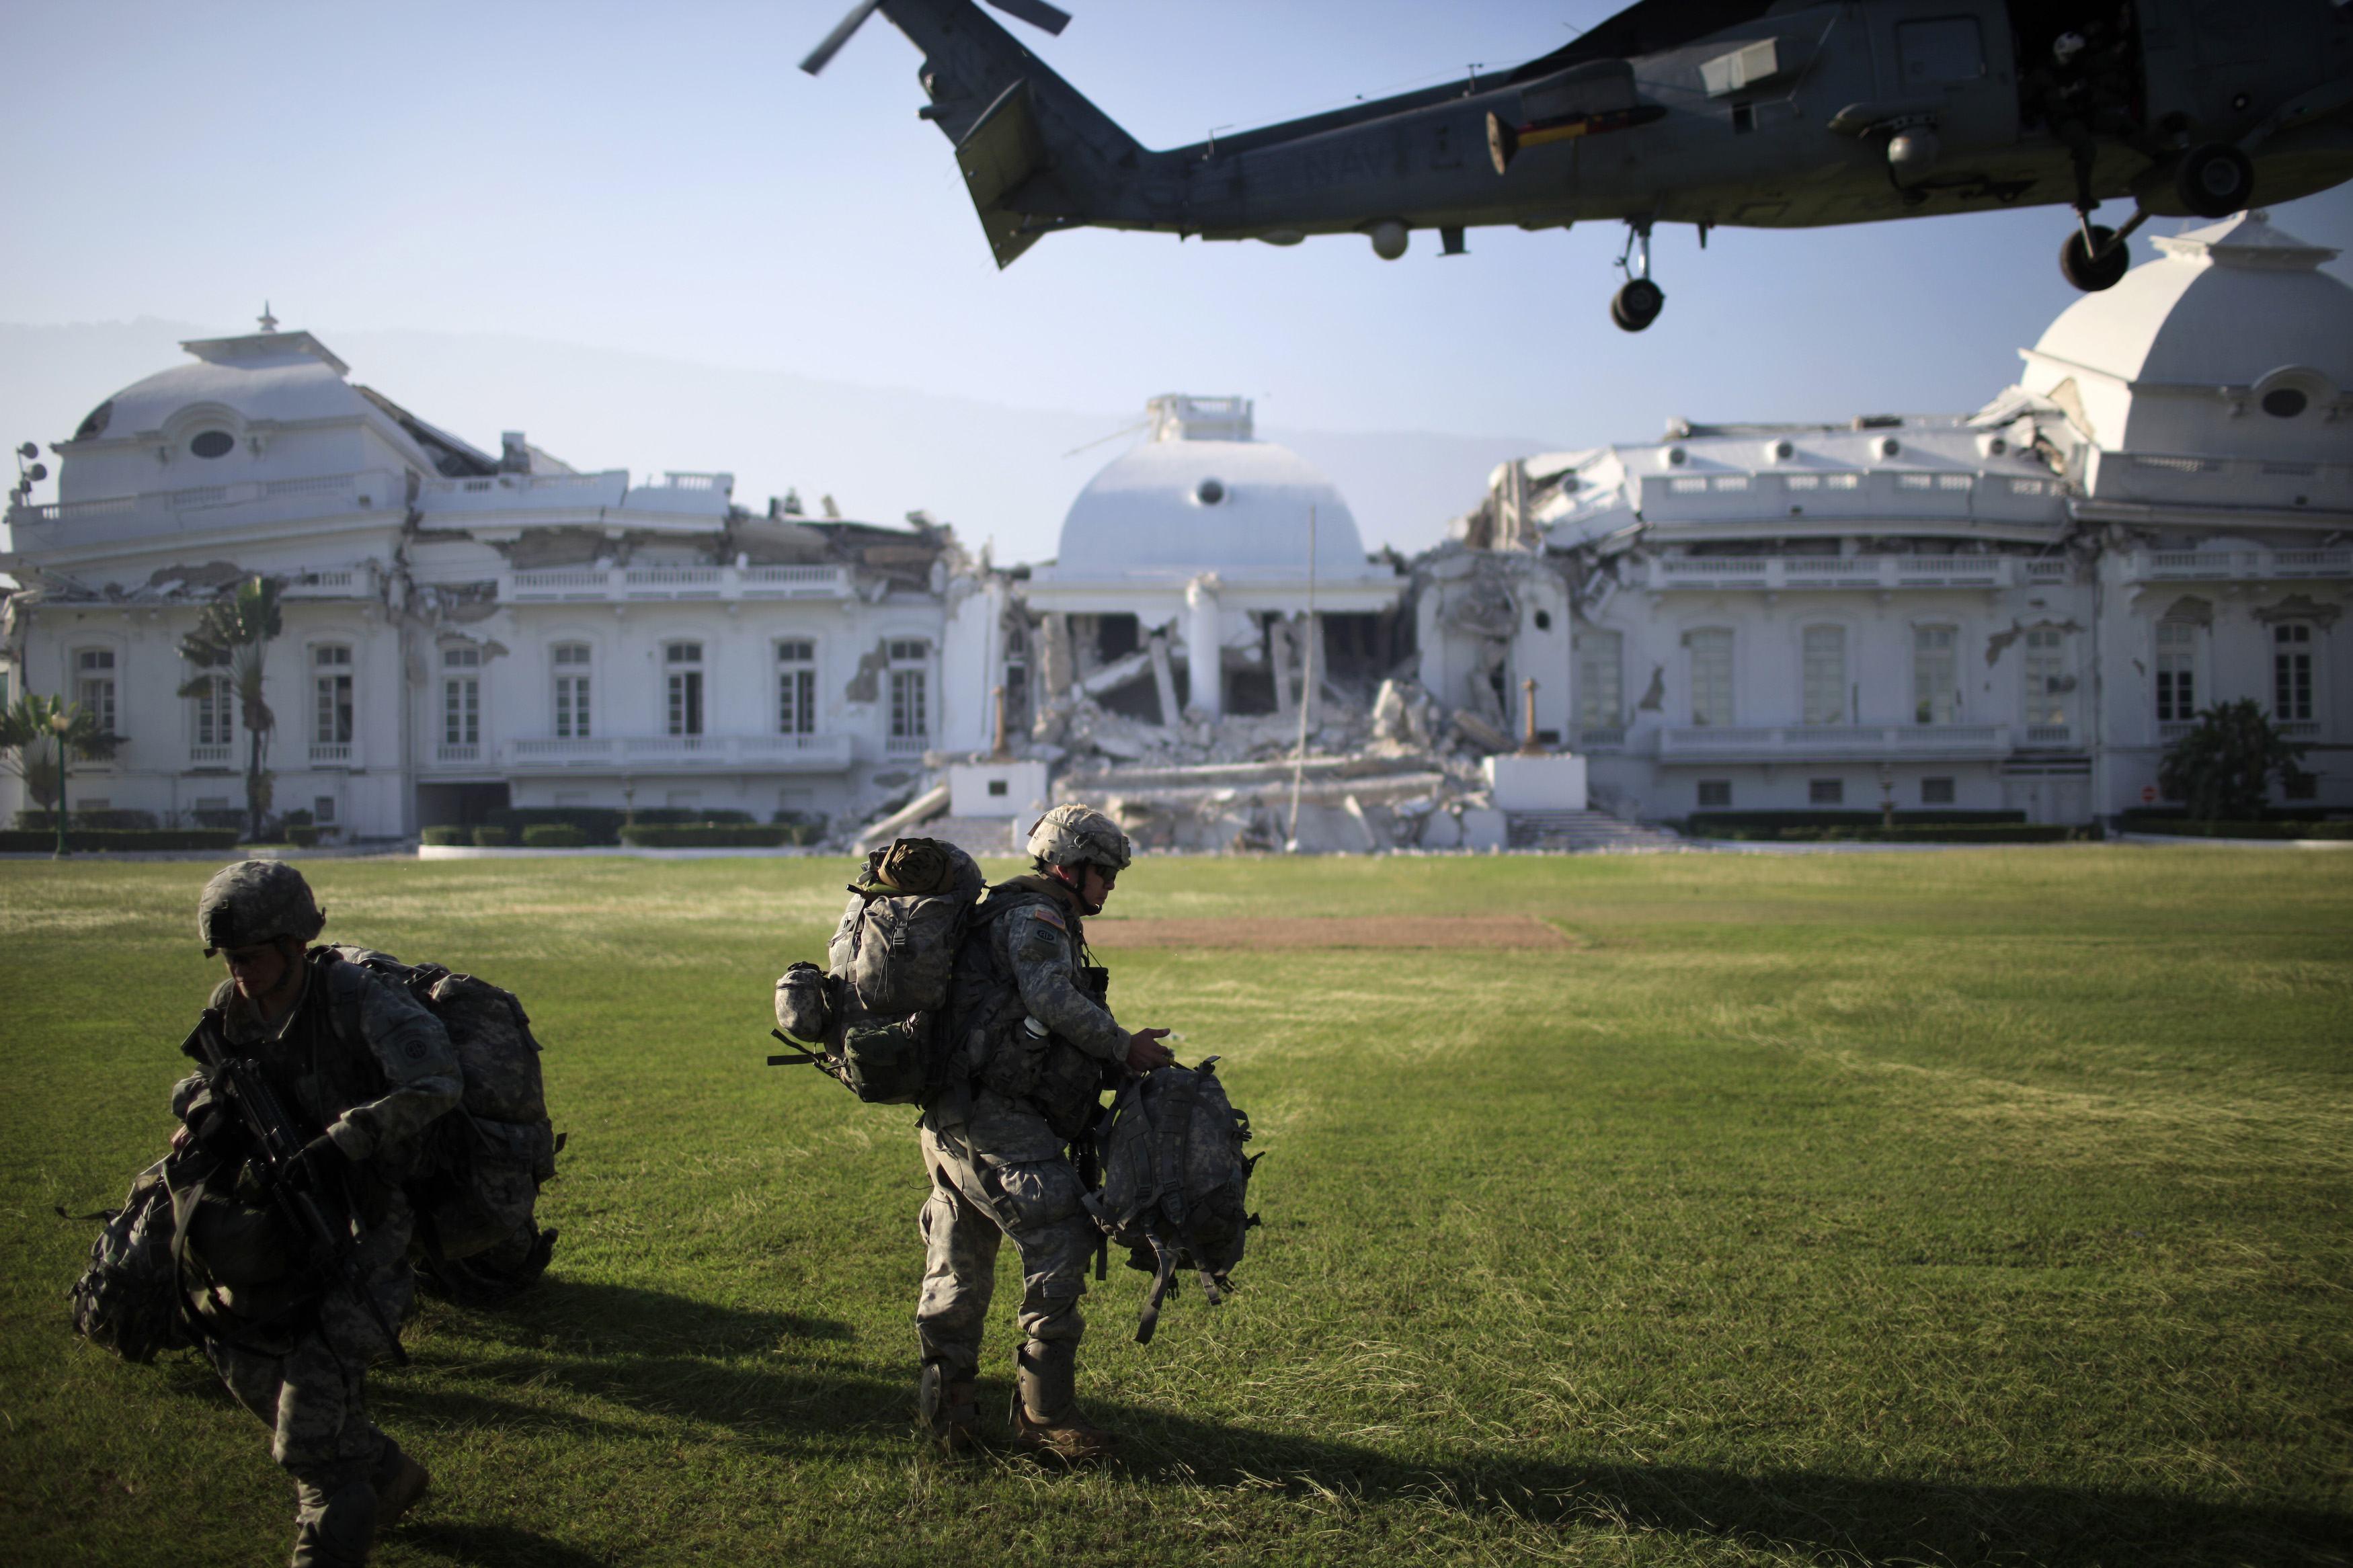 Αμερικανοί στρατιώτες αποβιβάζονται στα ερείπια του προεδρικού μεγάρου του Πορτ-ο-Πρενς  ΦΩΤΟ REUTERS